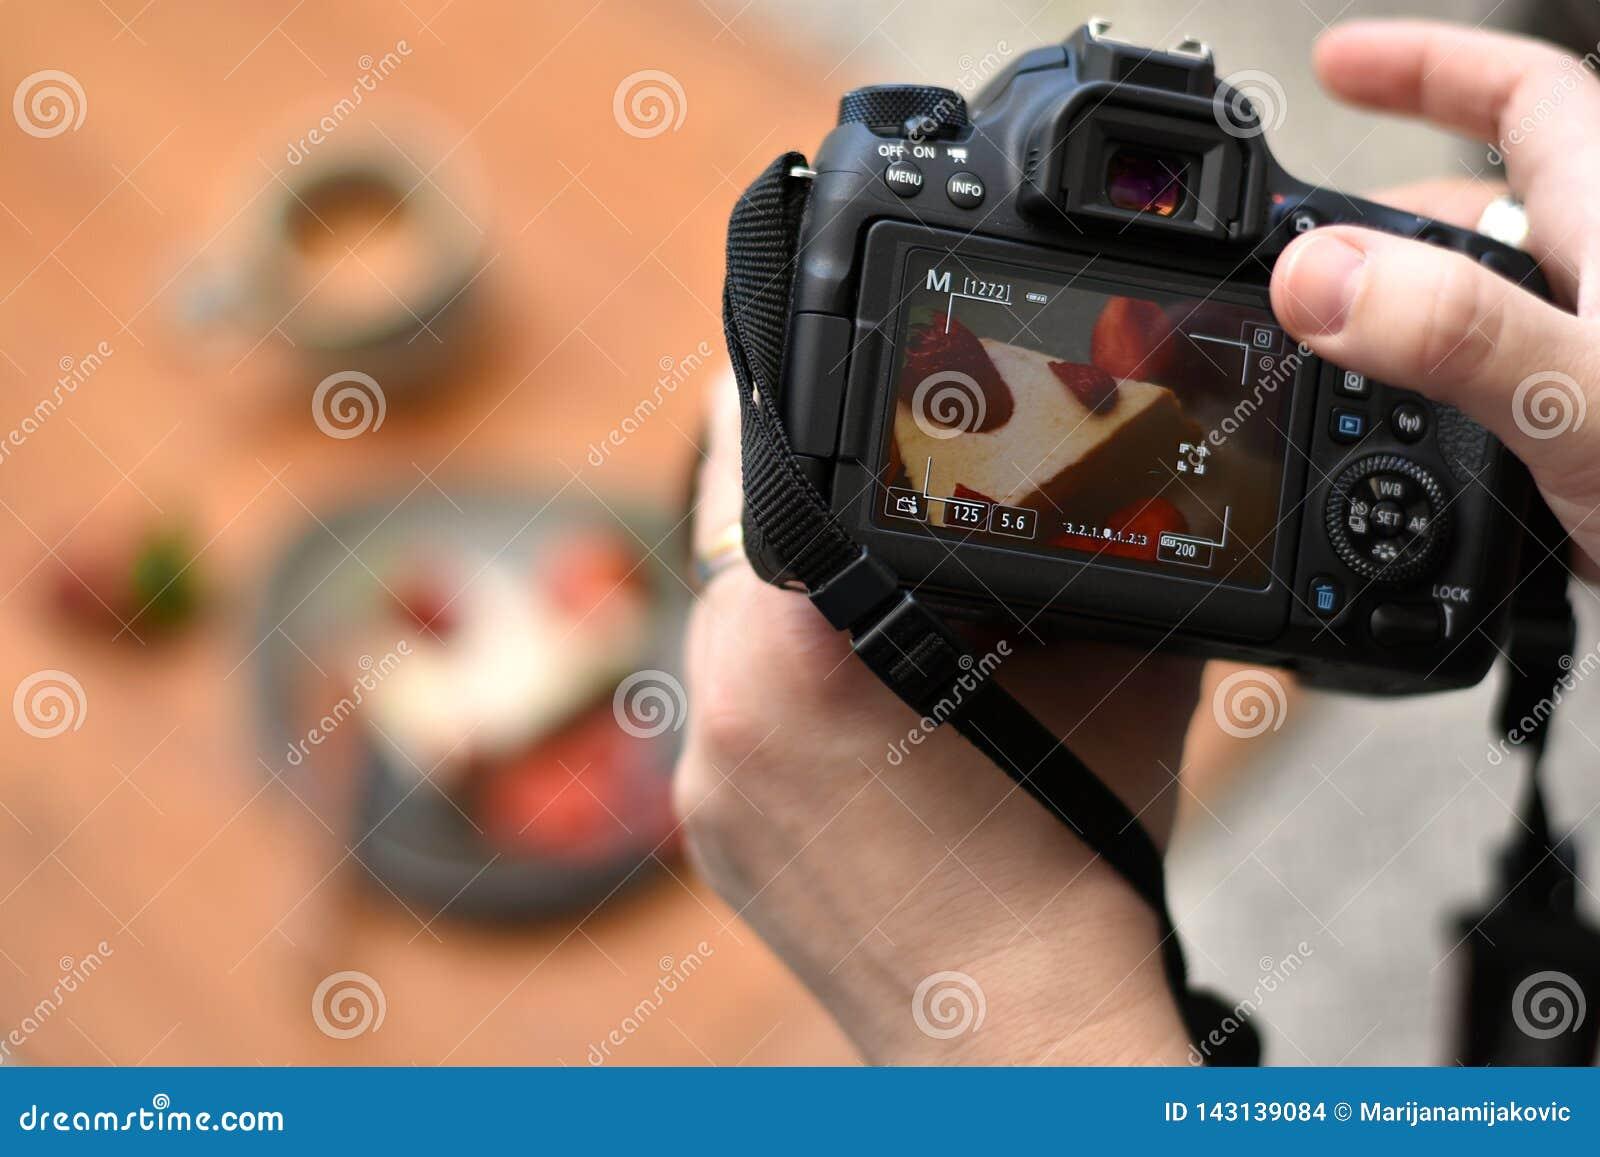 Hände des Fotografen dslr Kamera halten, die ein Foto macht